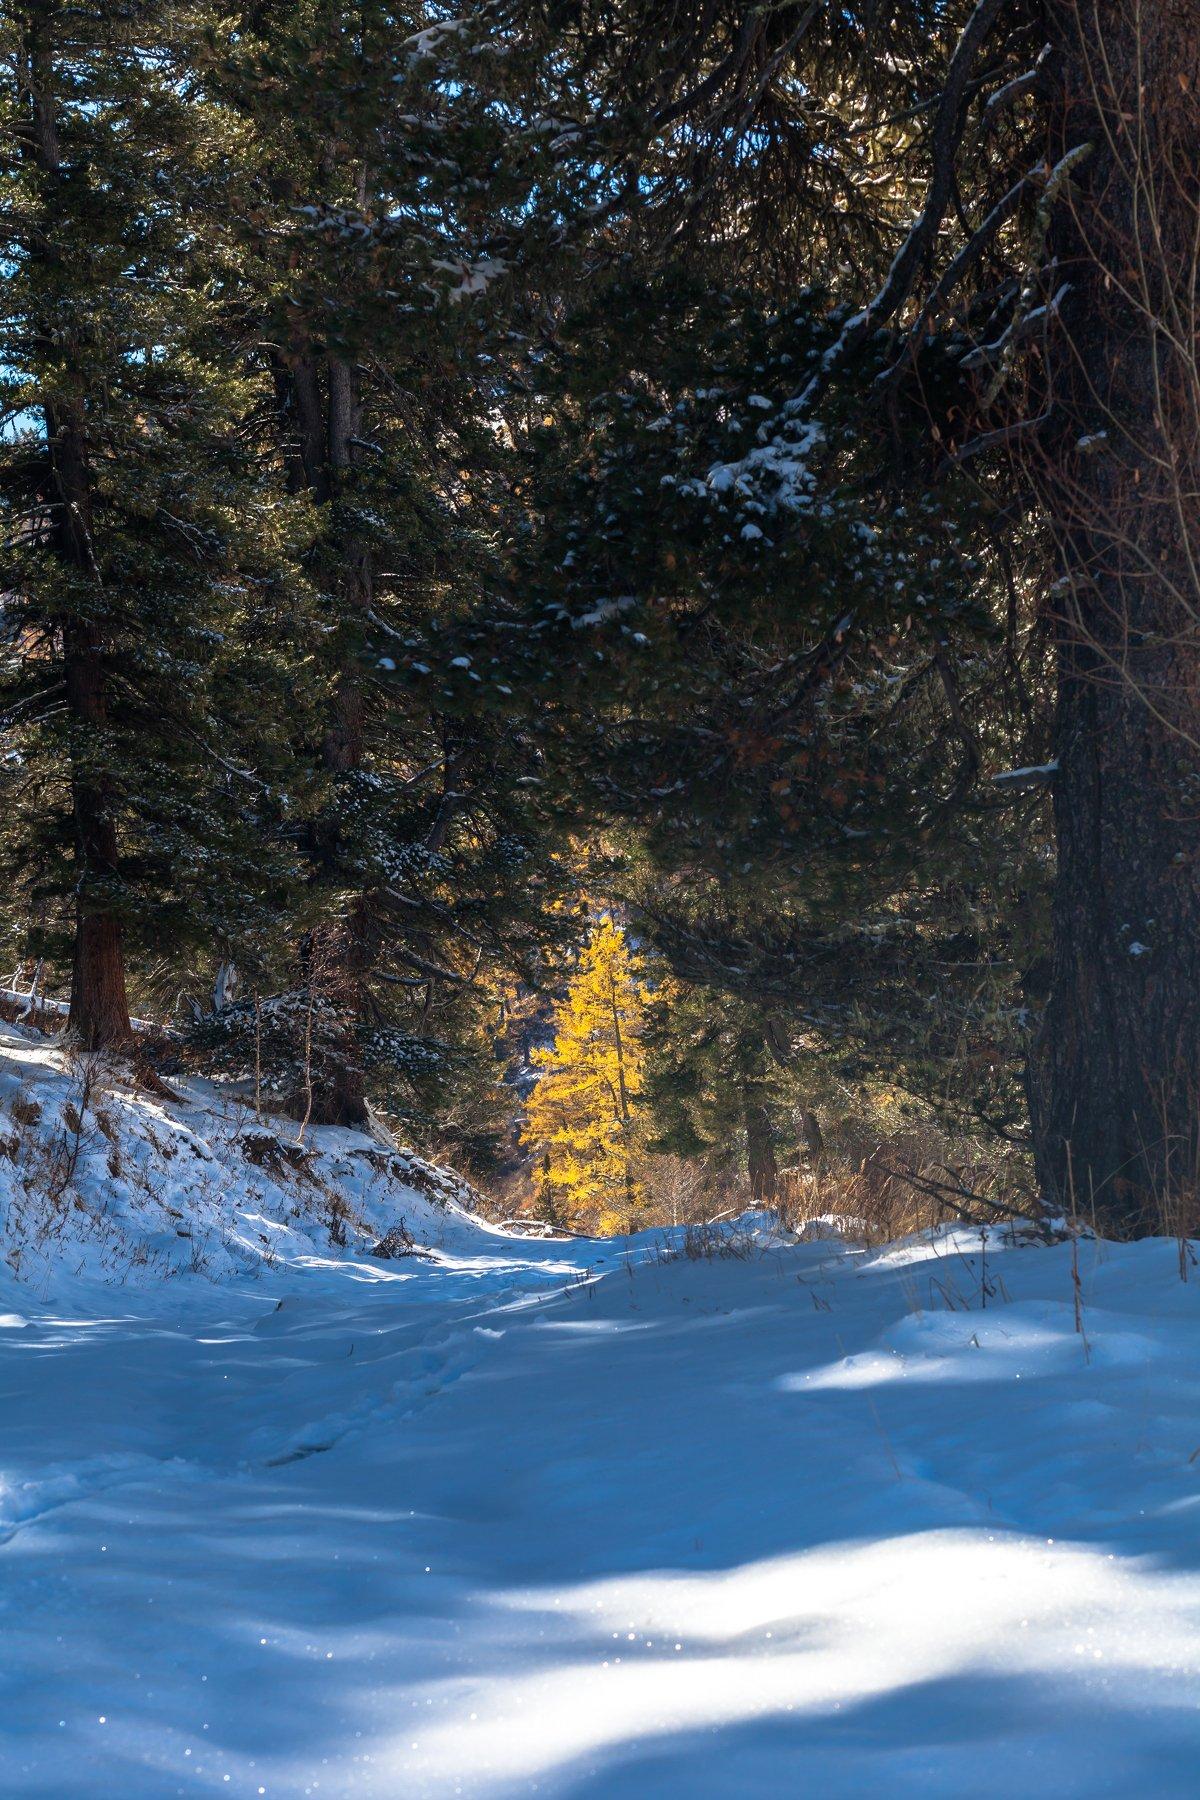 Алтай, горы, лес, кедр, лиственница, осень, зима, октябрь, снег, Иван Губанов